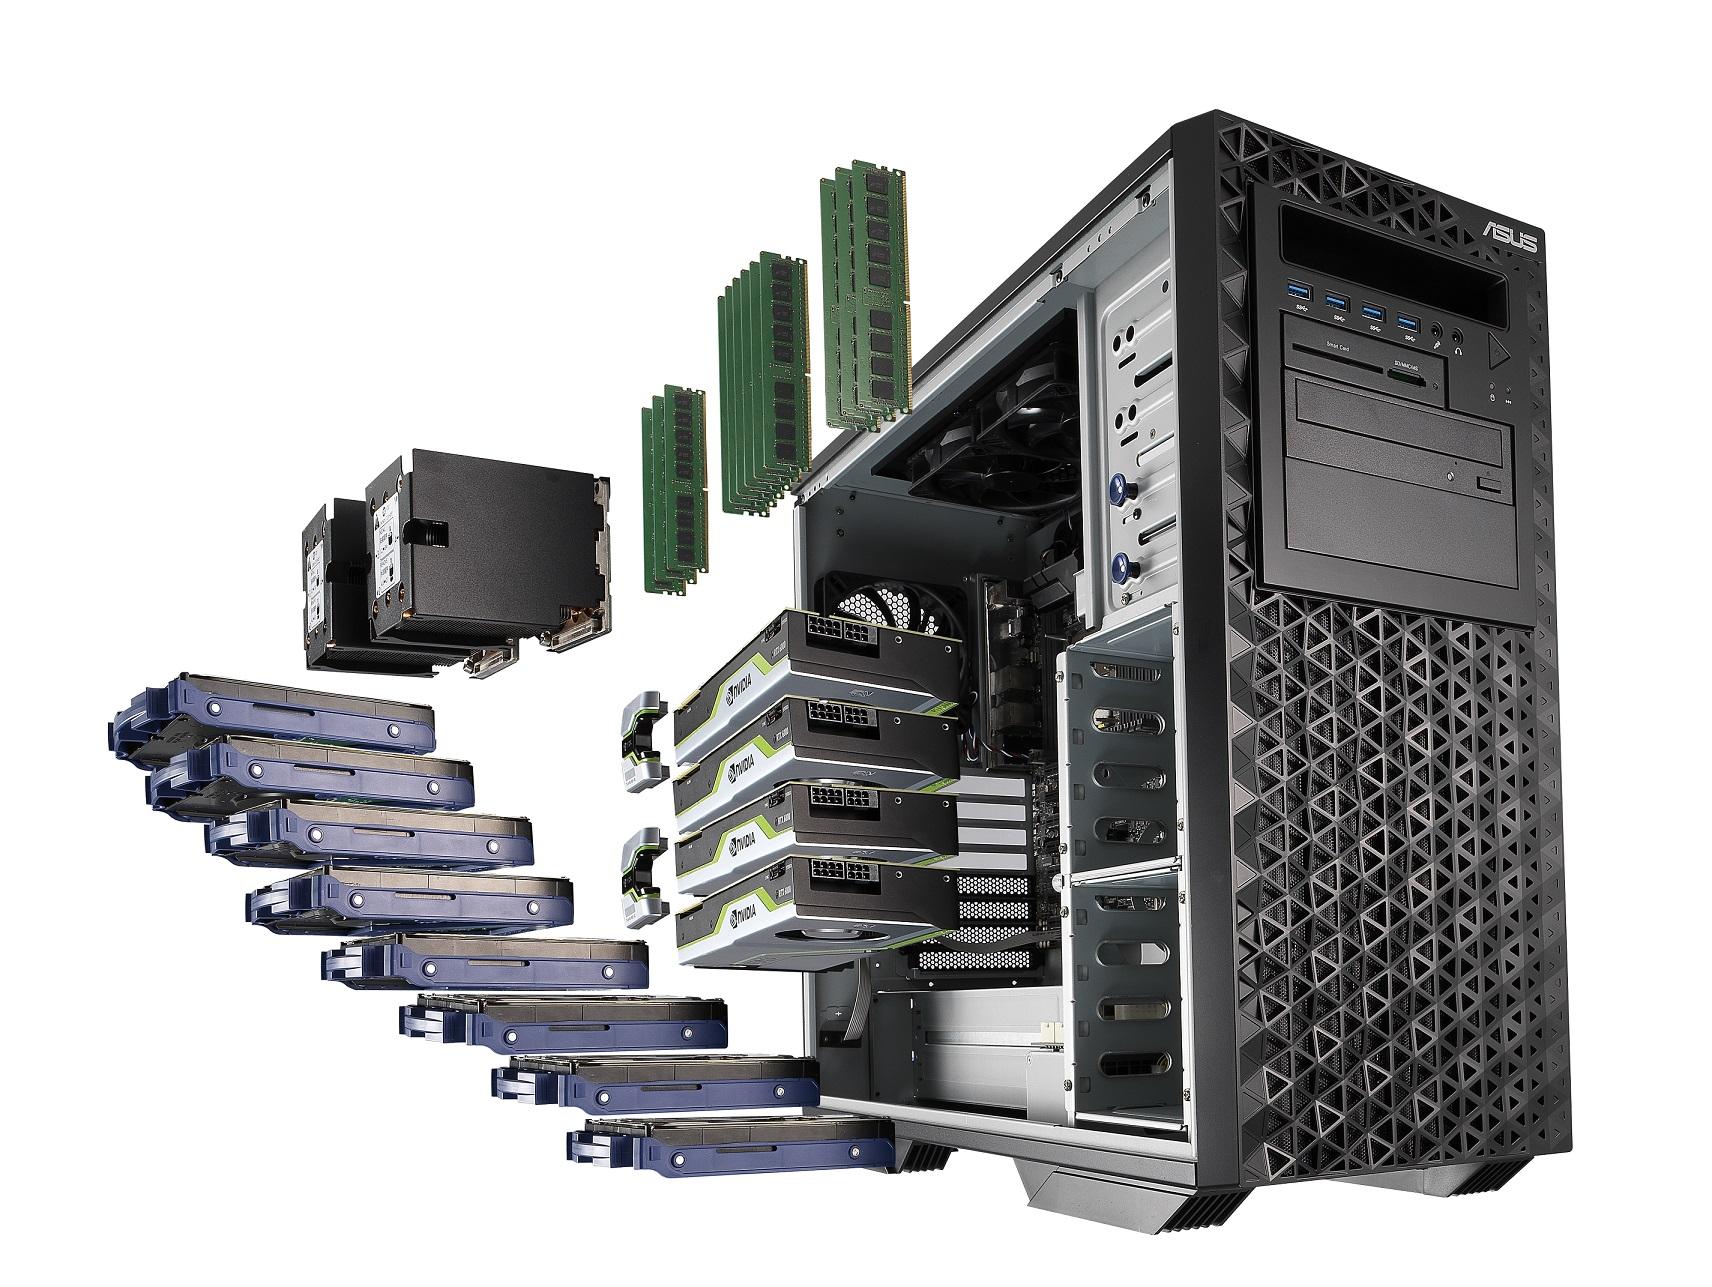 ASUS WS980T工作站 最高搭載多達56核心的雙Intel Xeon 處理器(2P)、四組NVIDIA 或AMD 顯示卡,以及1536GB錯誤修正碼(ECC)記憶體。